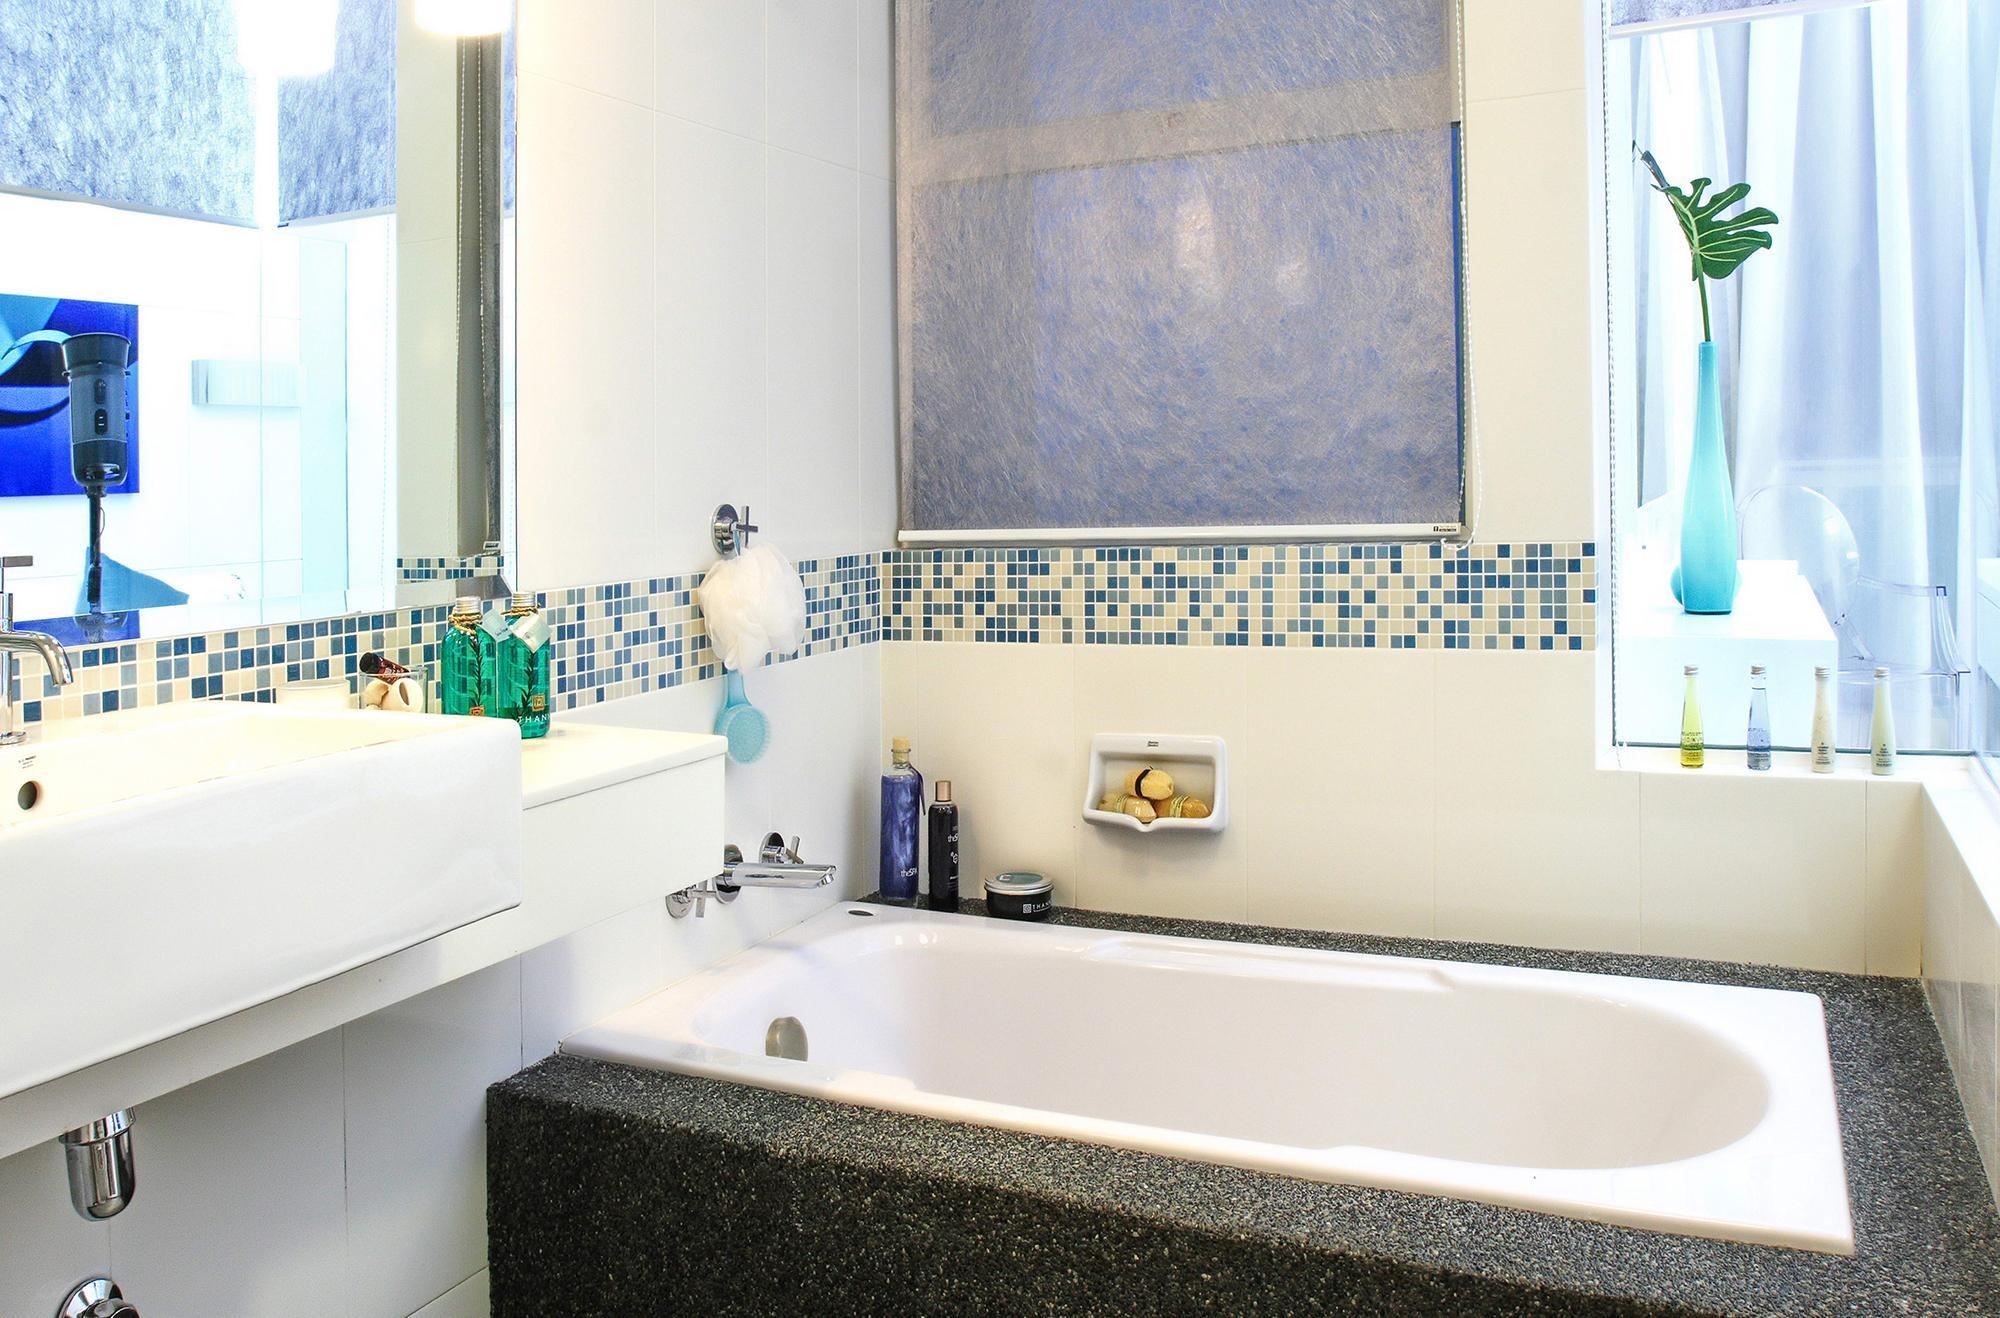 Мозаика в оформлении ванной комнаты